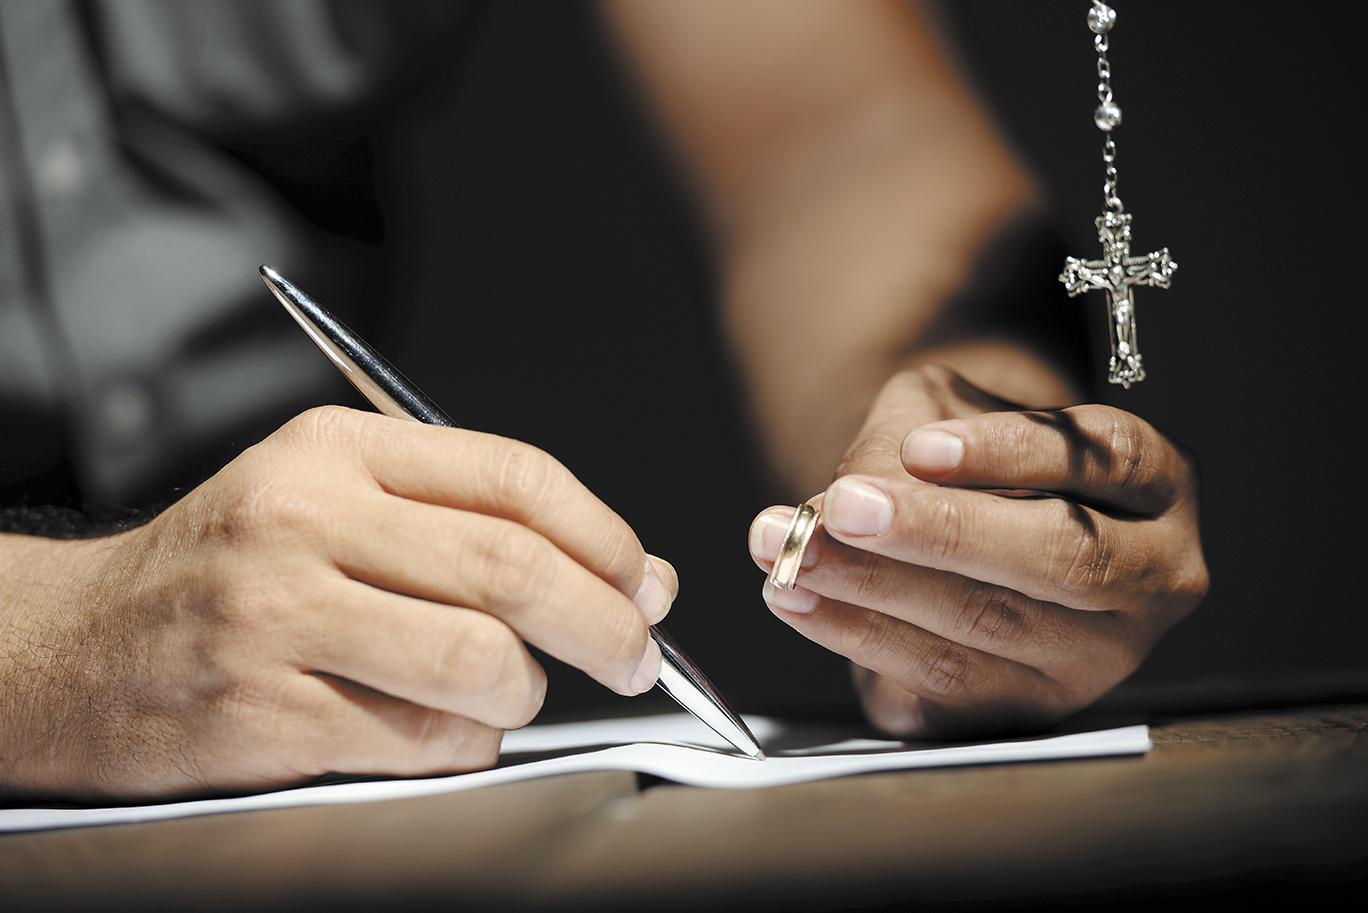 Anulacion Matrimonio Catolico Medellin : Cómo proceder para conseguir la nulidad del matrimonio católico en